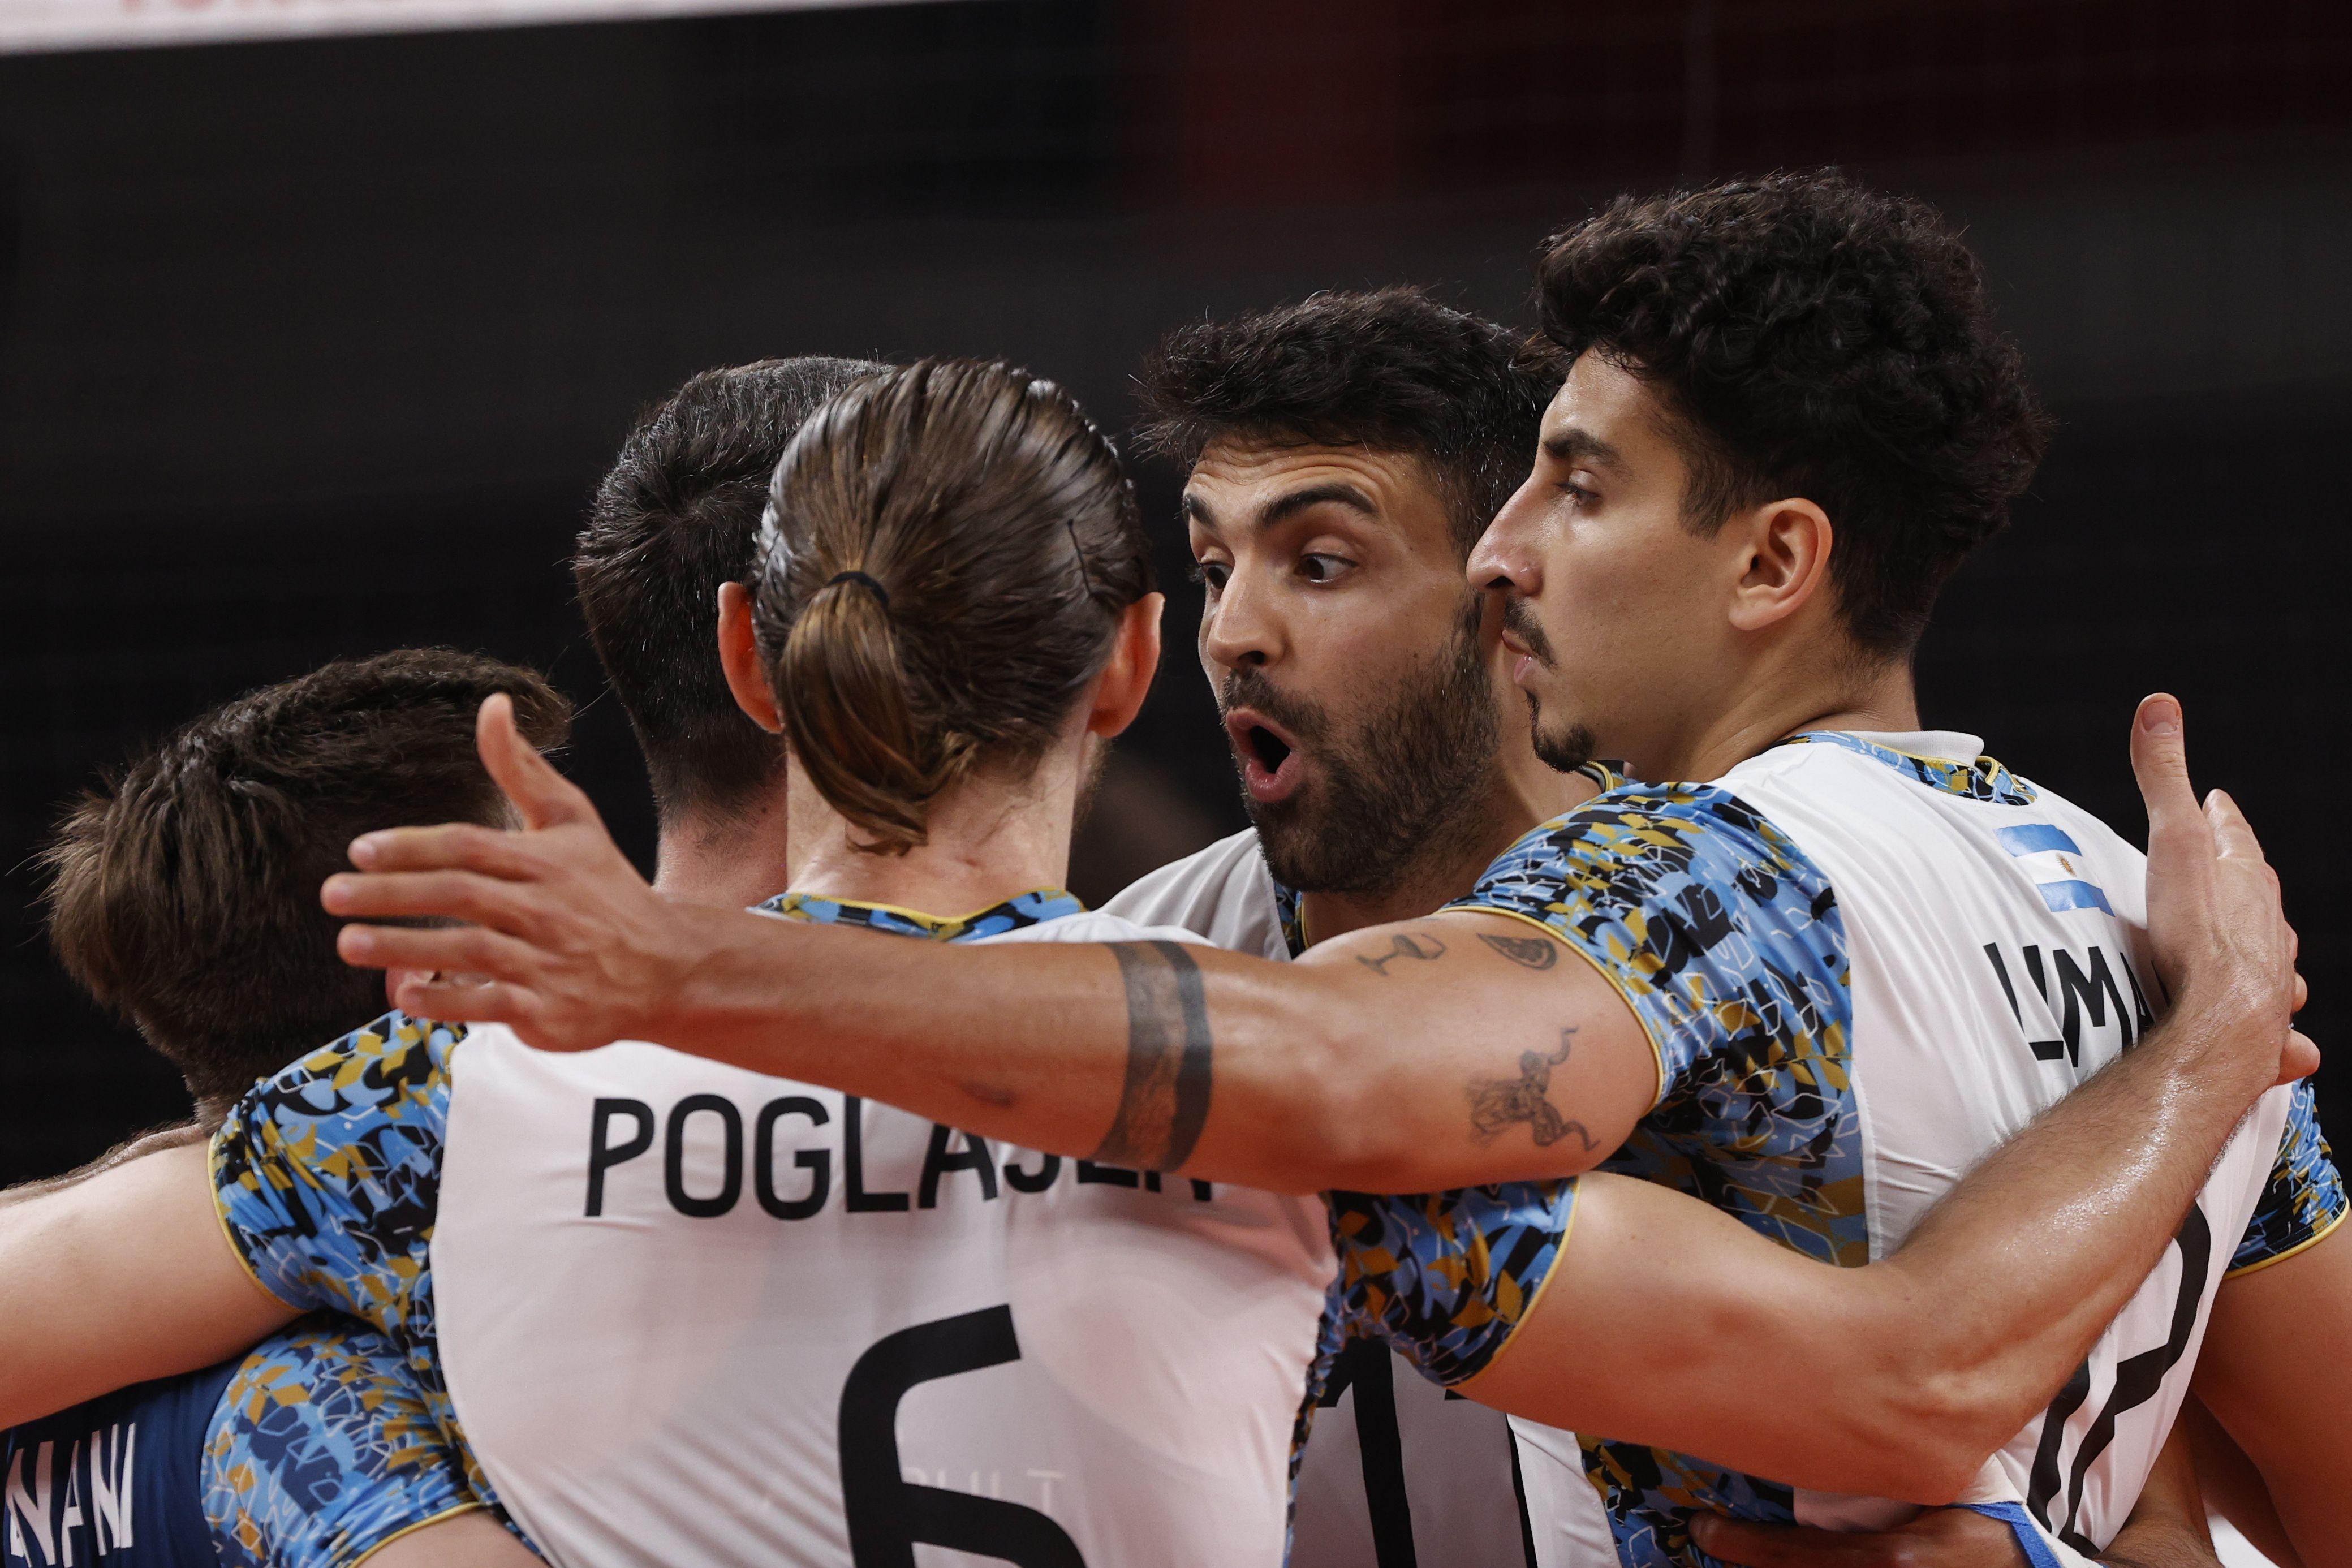 El vóley argentino buscará la segunda medalla en la historia de este deporte (Foto: Reuters)